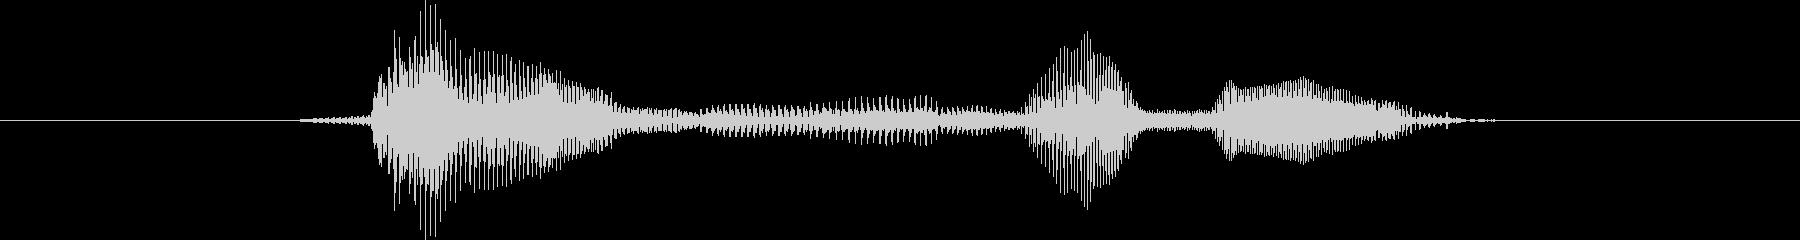 第七問(だいななもん)の未再生の波形